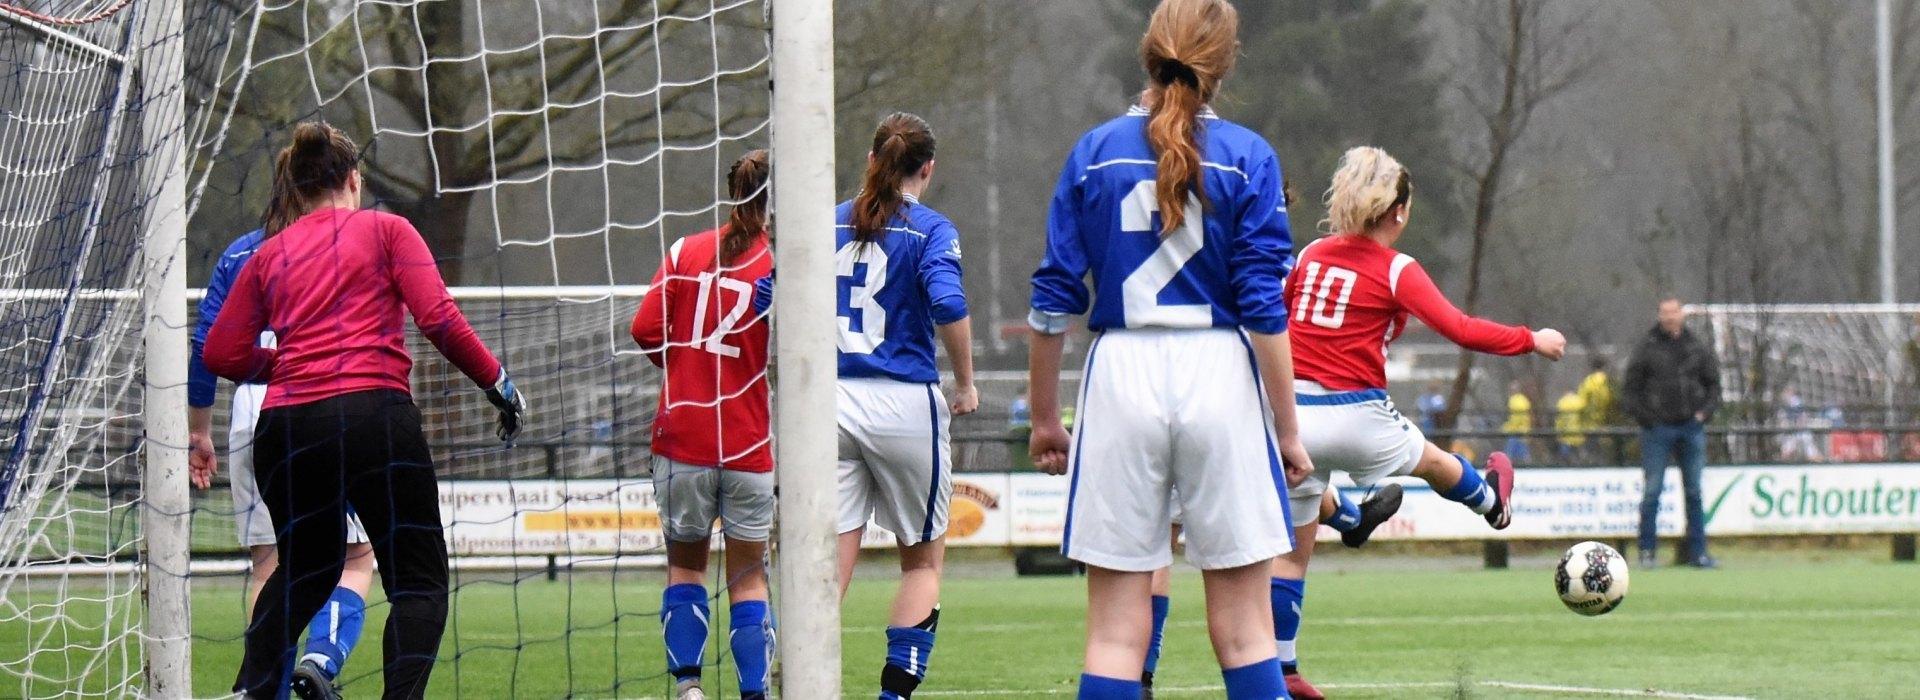 Vrouwen spelen gelijk tegen DSC (0-0)